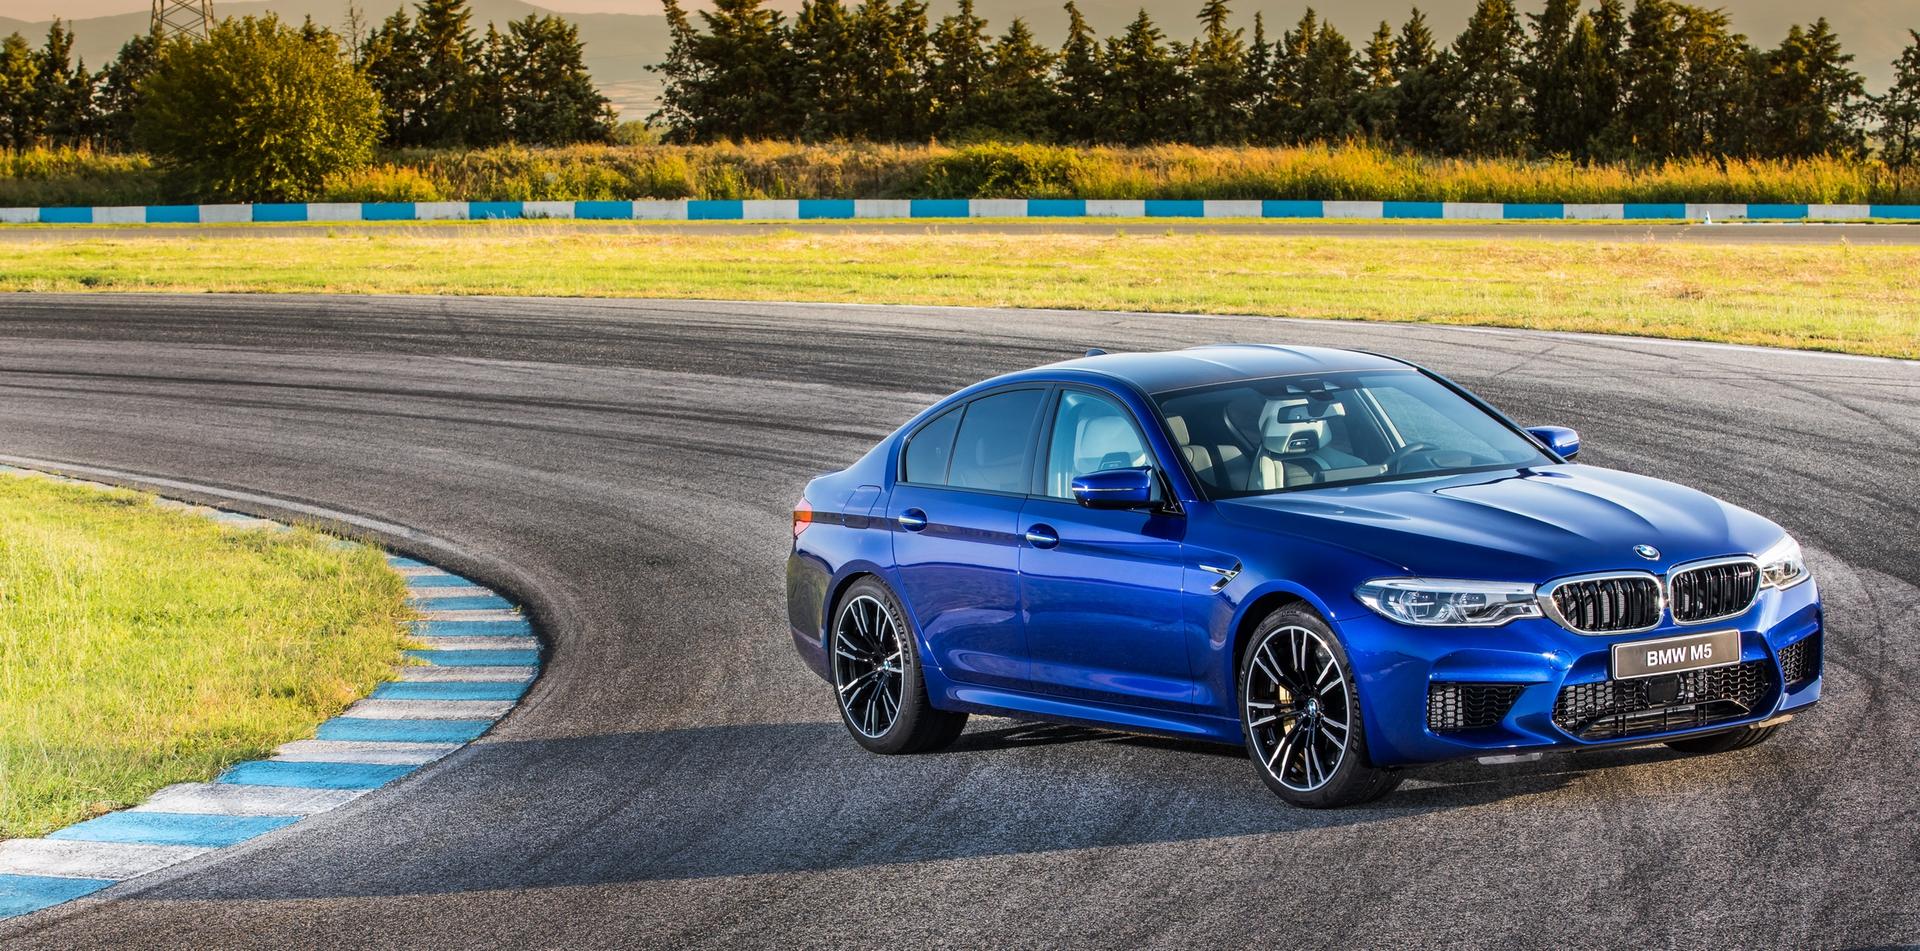 BMW_M5_greek_presskit_0017